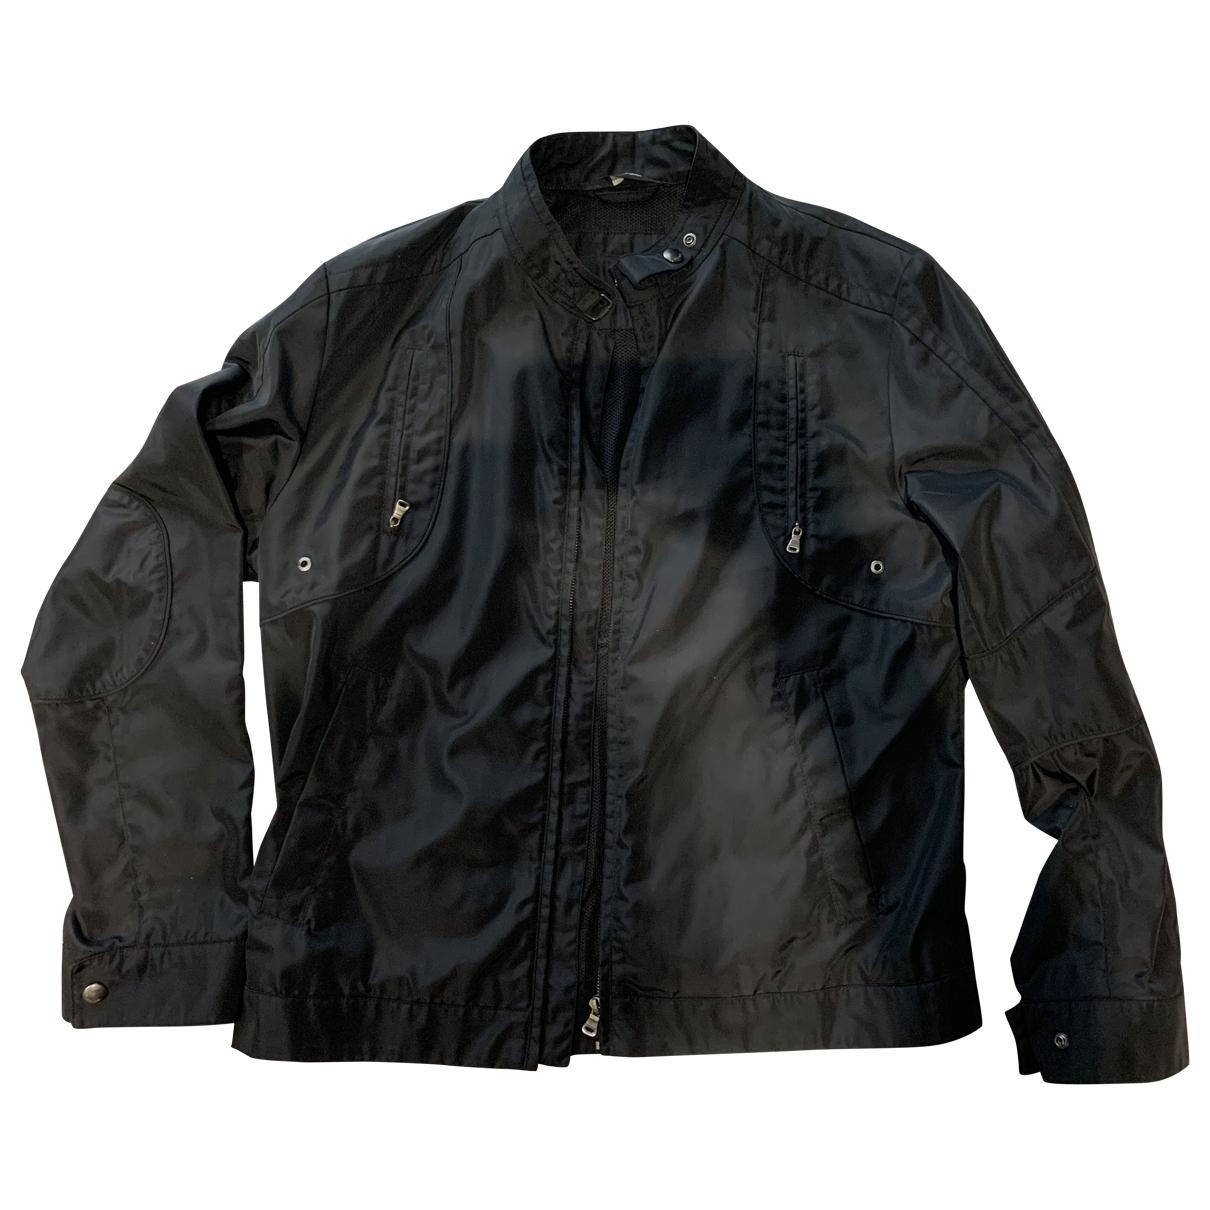 Hugo Boss \N Black jacket  for Men 54 FR